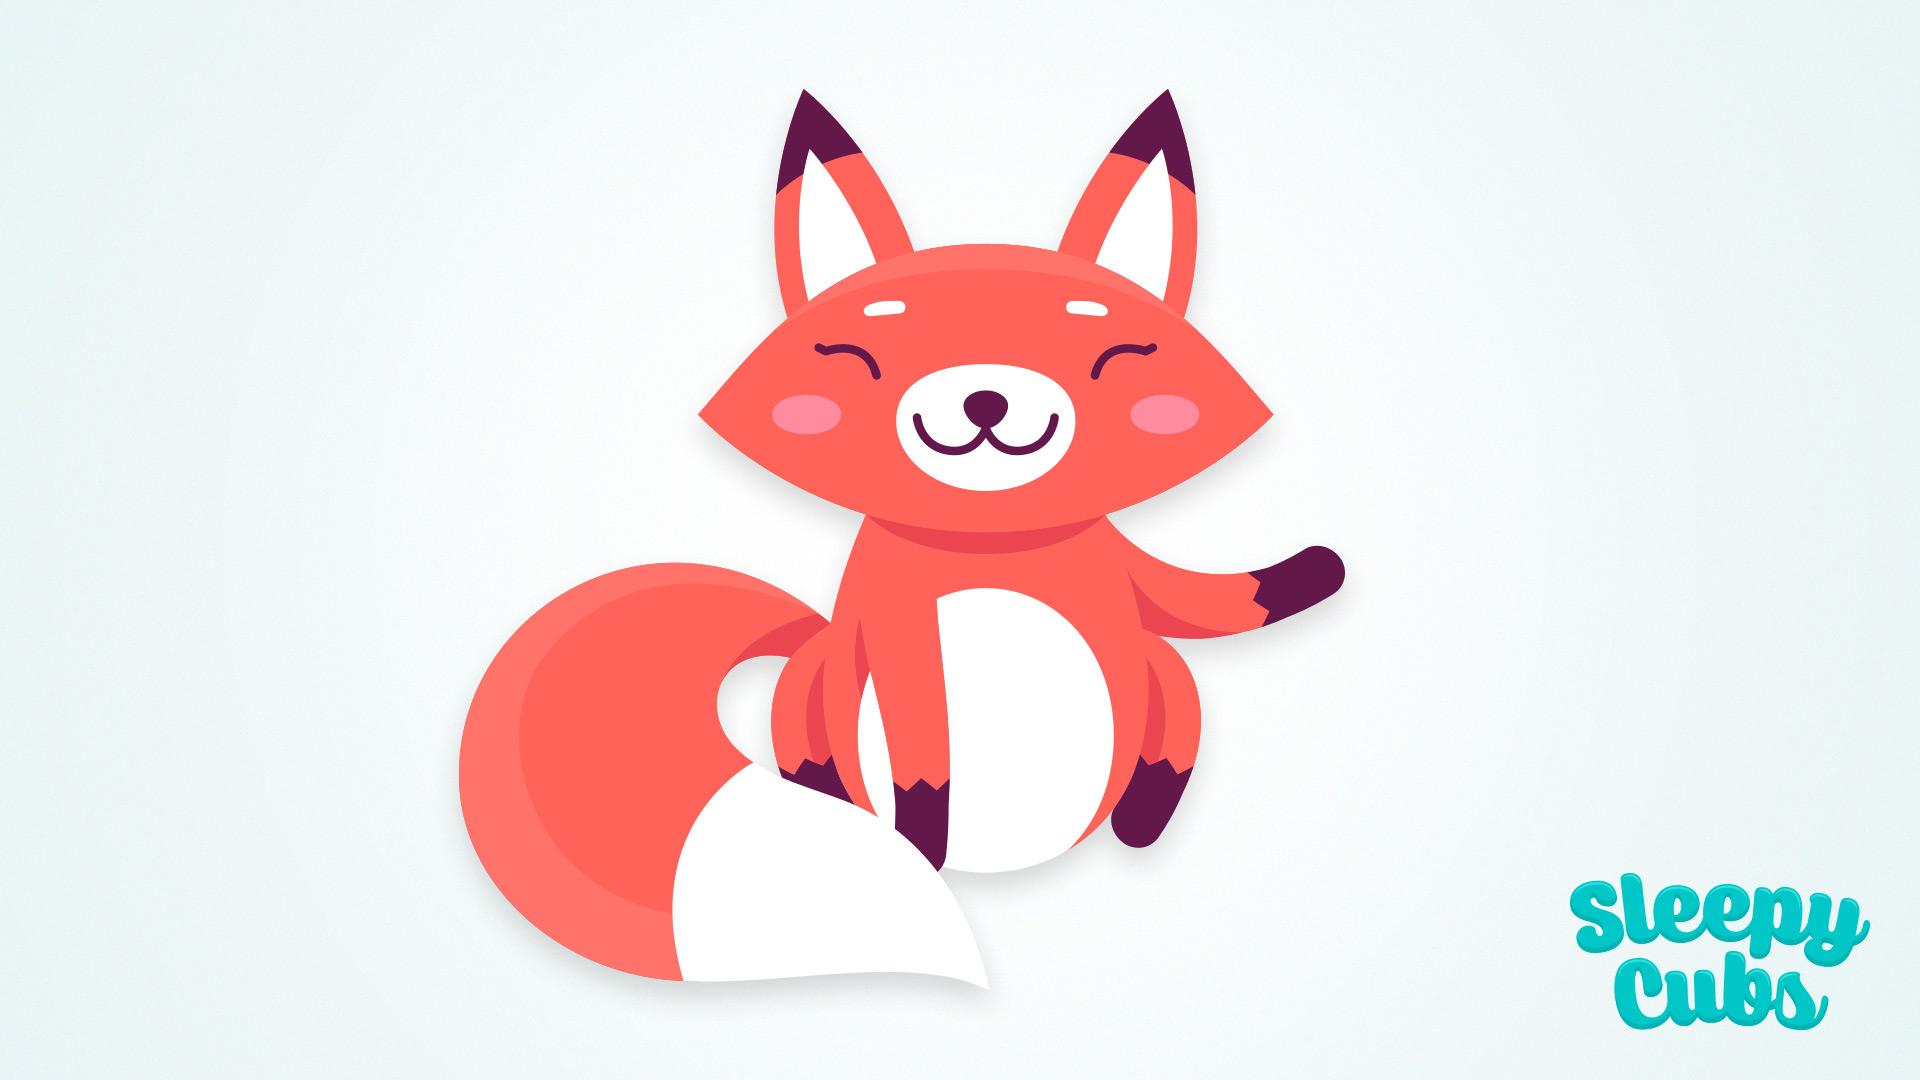 Sleepy_Cubs_characters_1.jpg